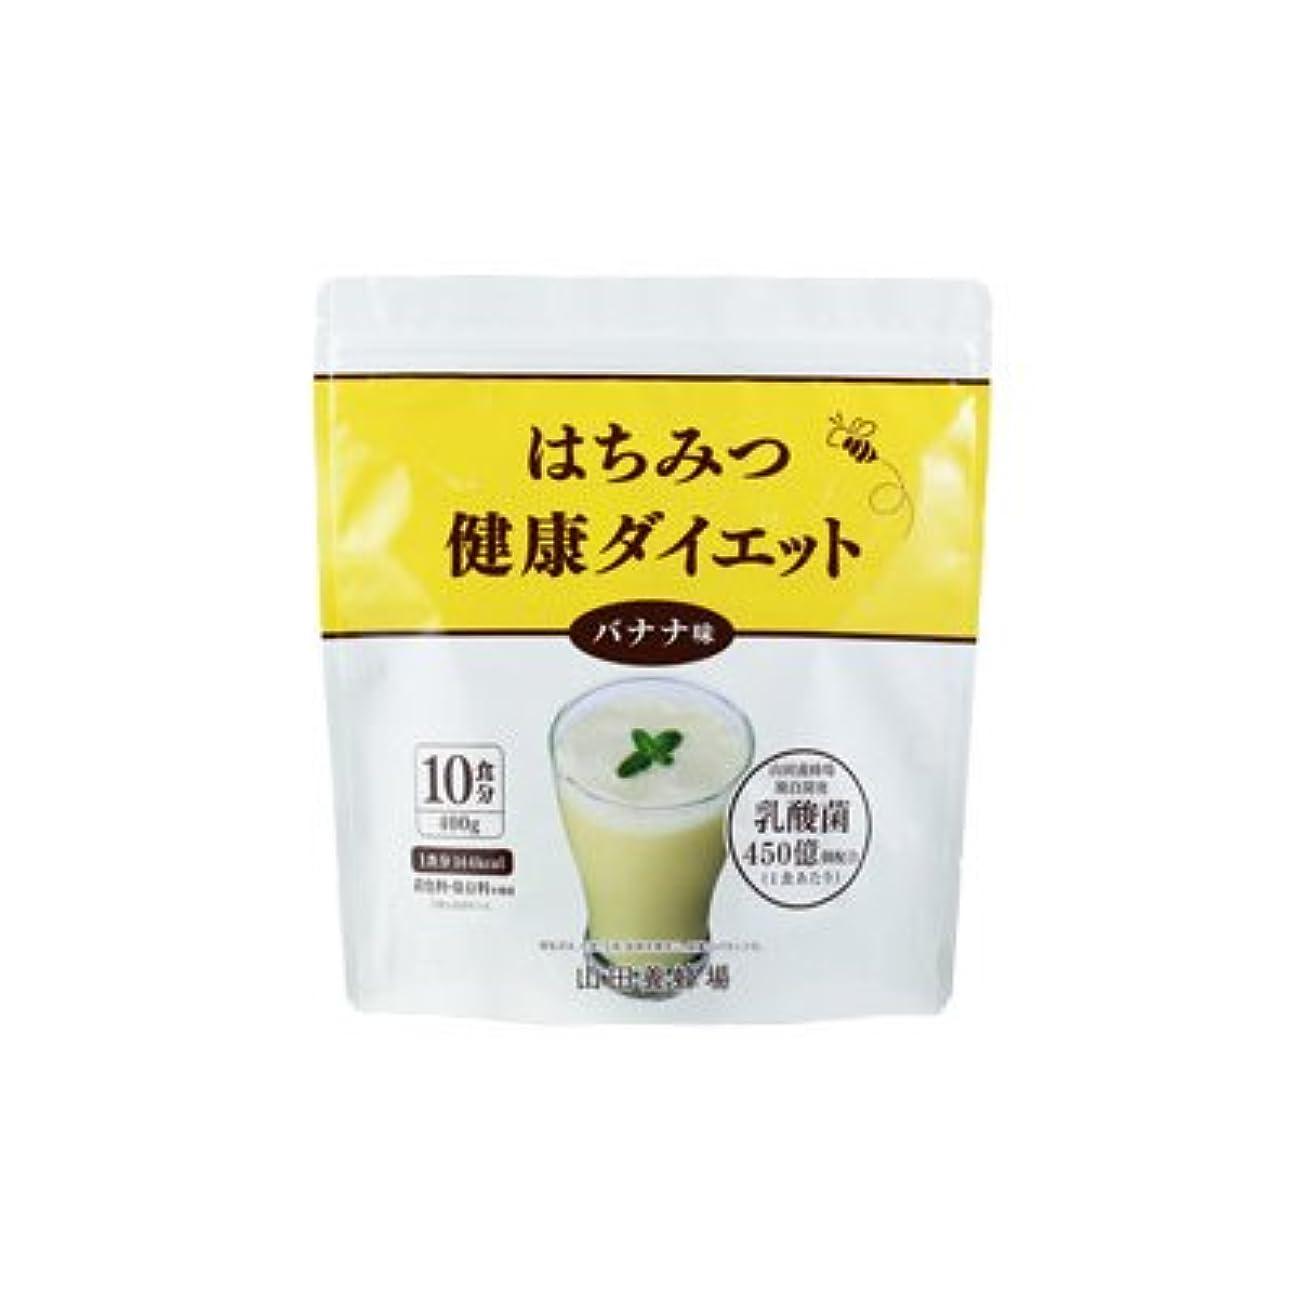 堂々たる要求解釈的はちみつ健康ダイエット 【バナナ味】400g(10食分)